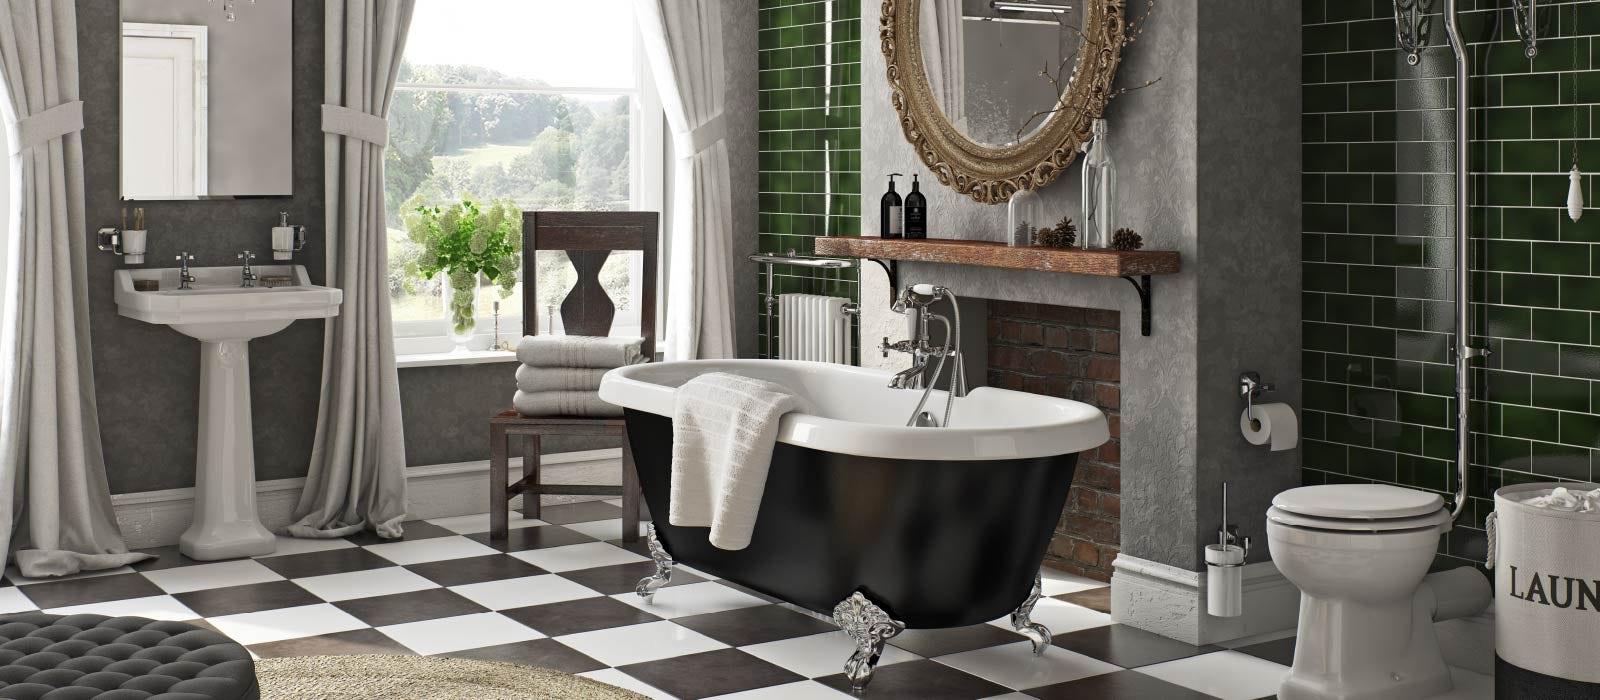 And White Floor Tiles, Black And White Bathroom Floor Tile Ideas